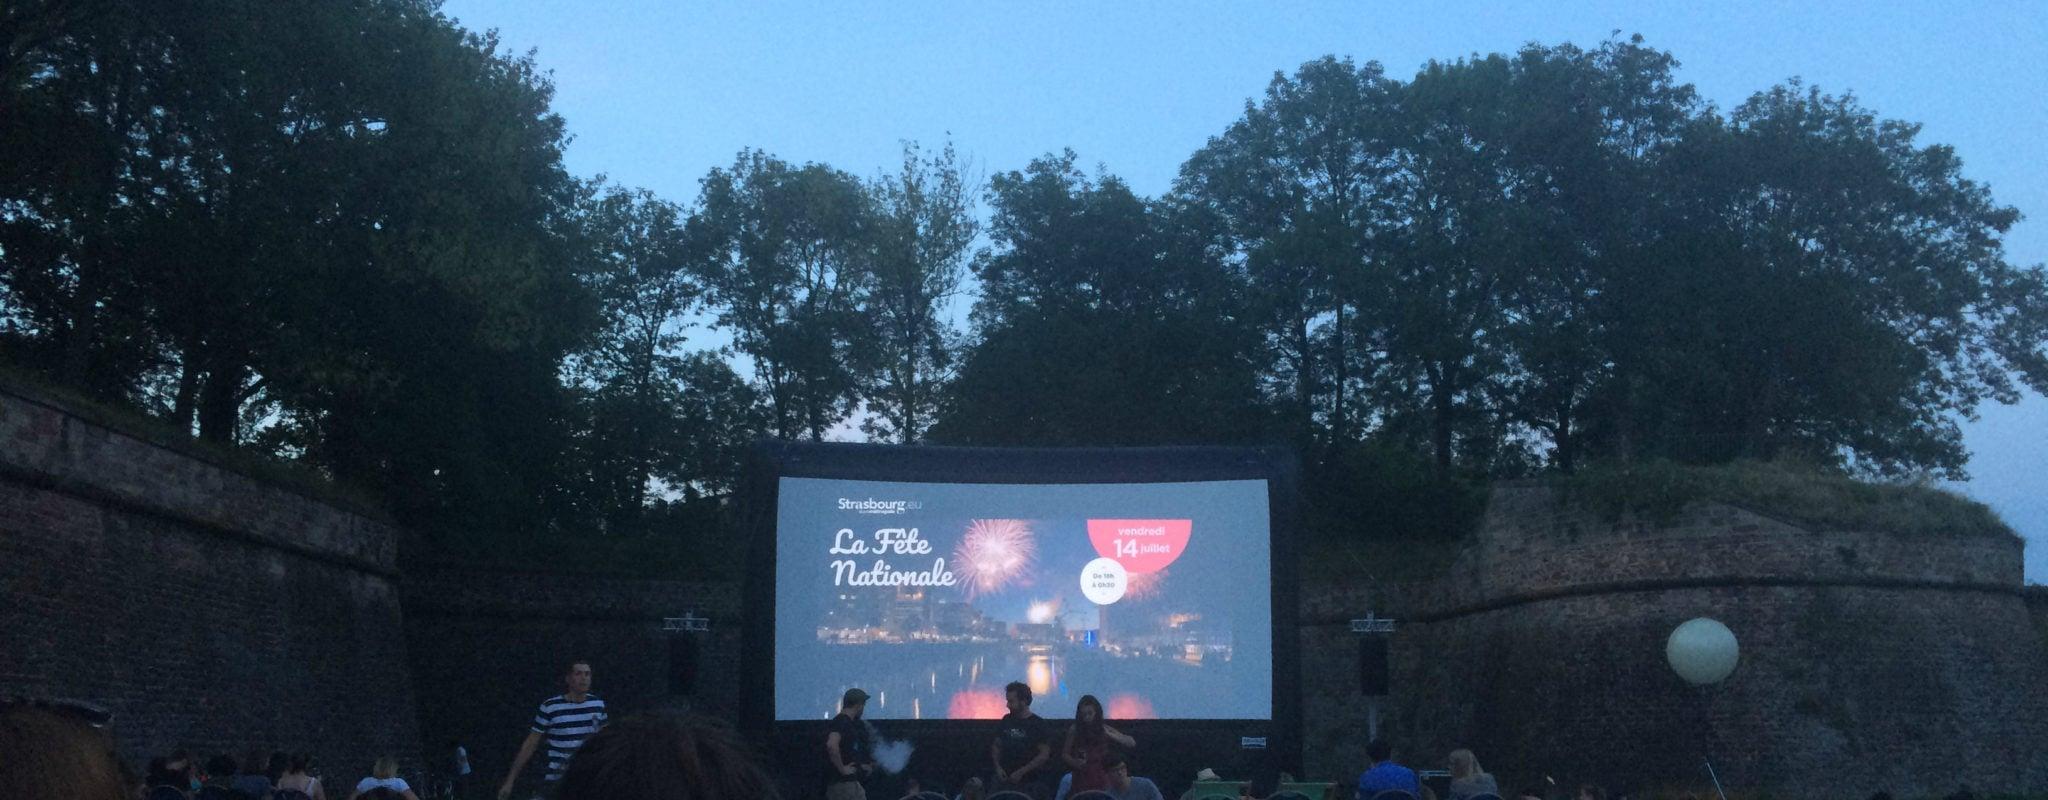 Les séances de cinéma en plein air reconduites pour l'été 2019